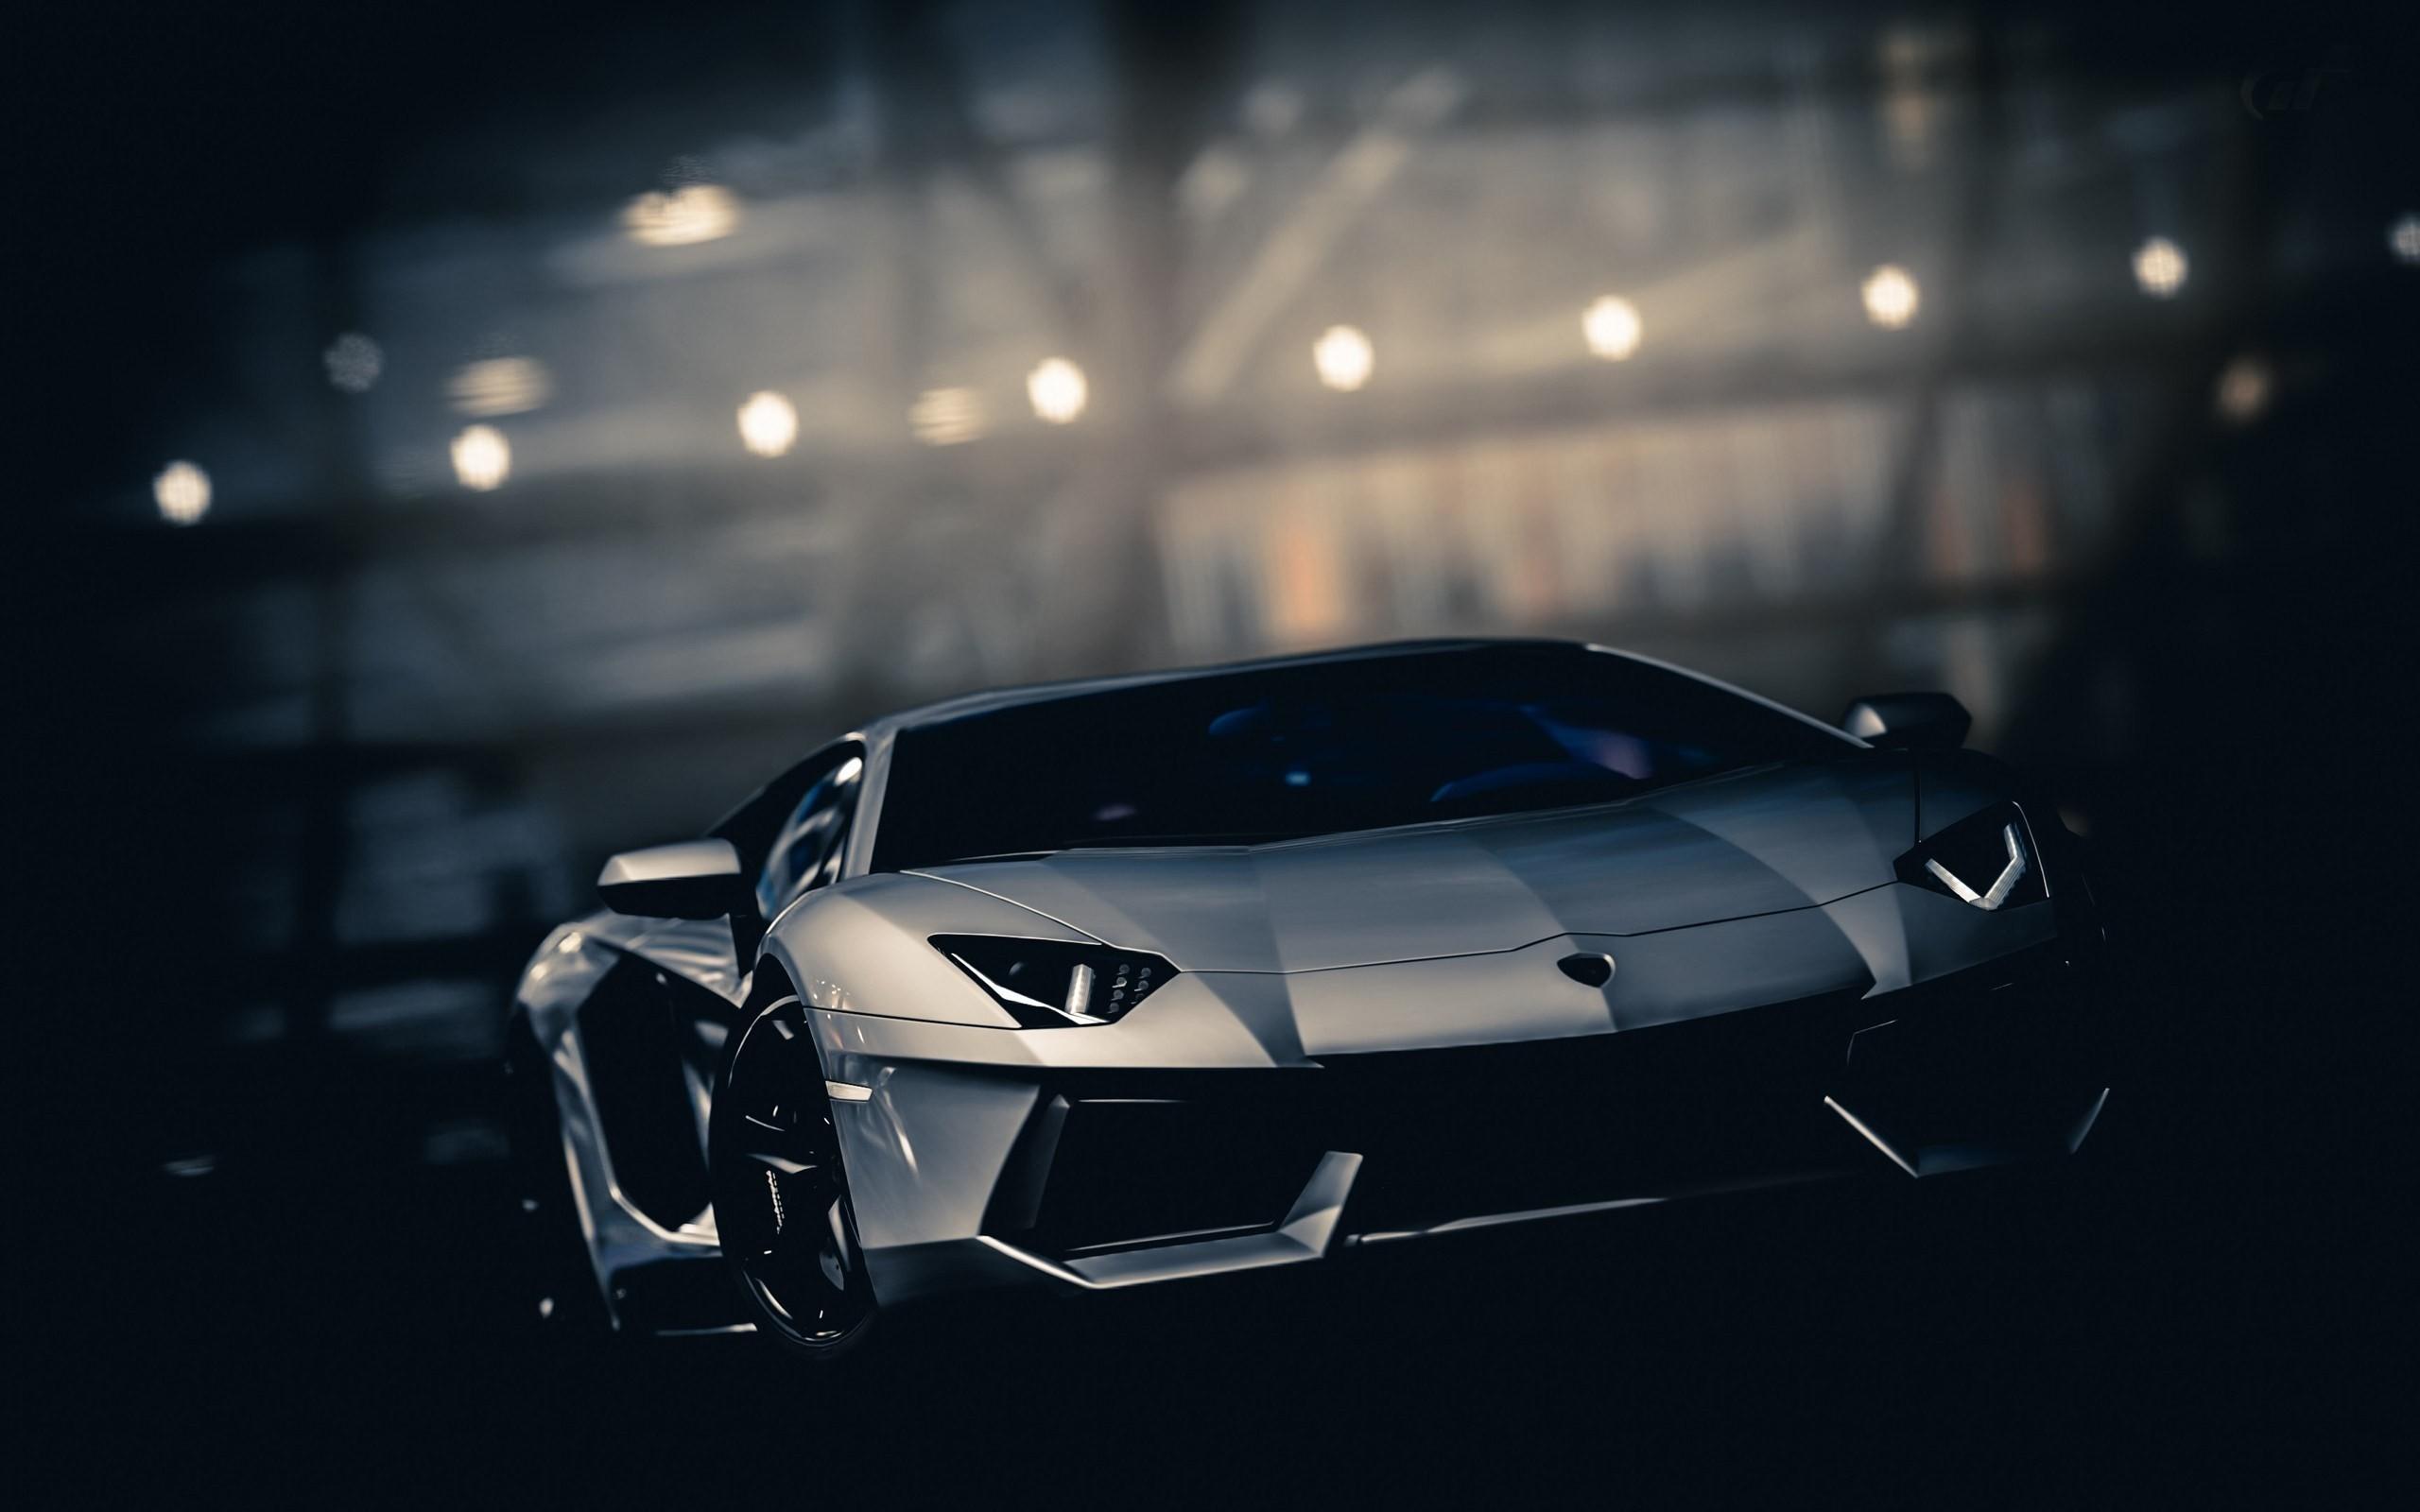 Black Lamborghini Car Hd Wallpaper